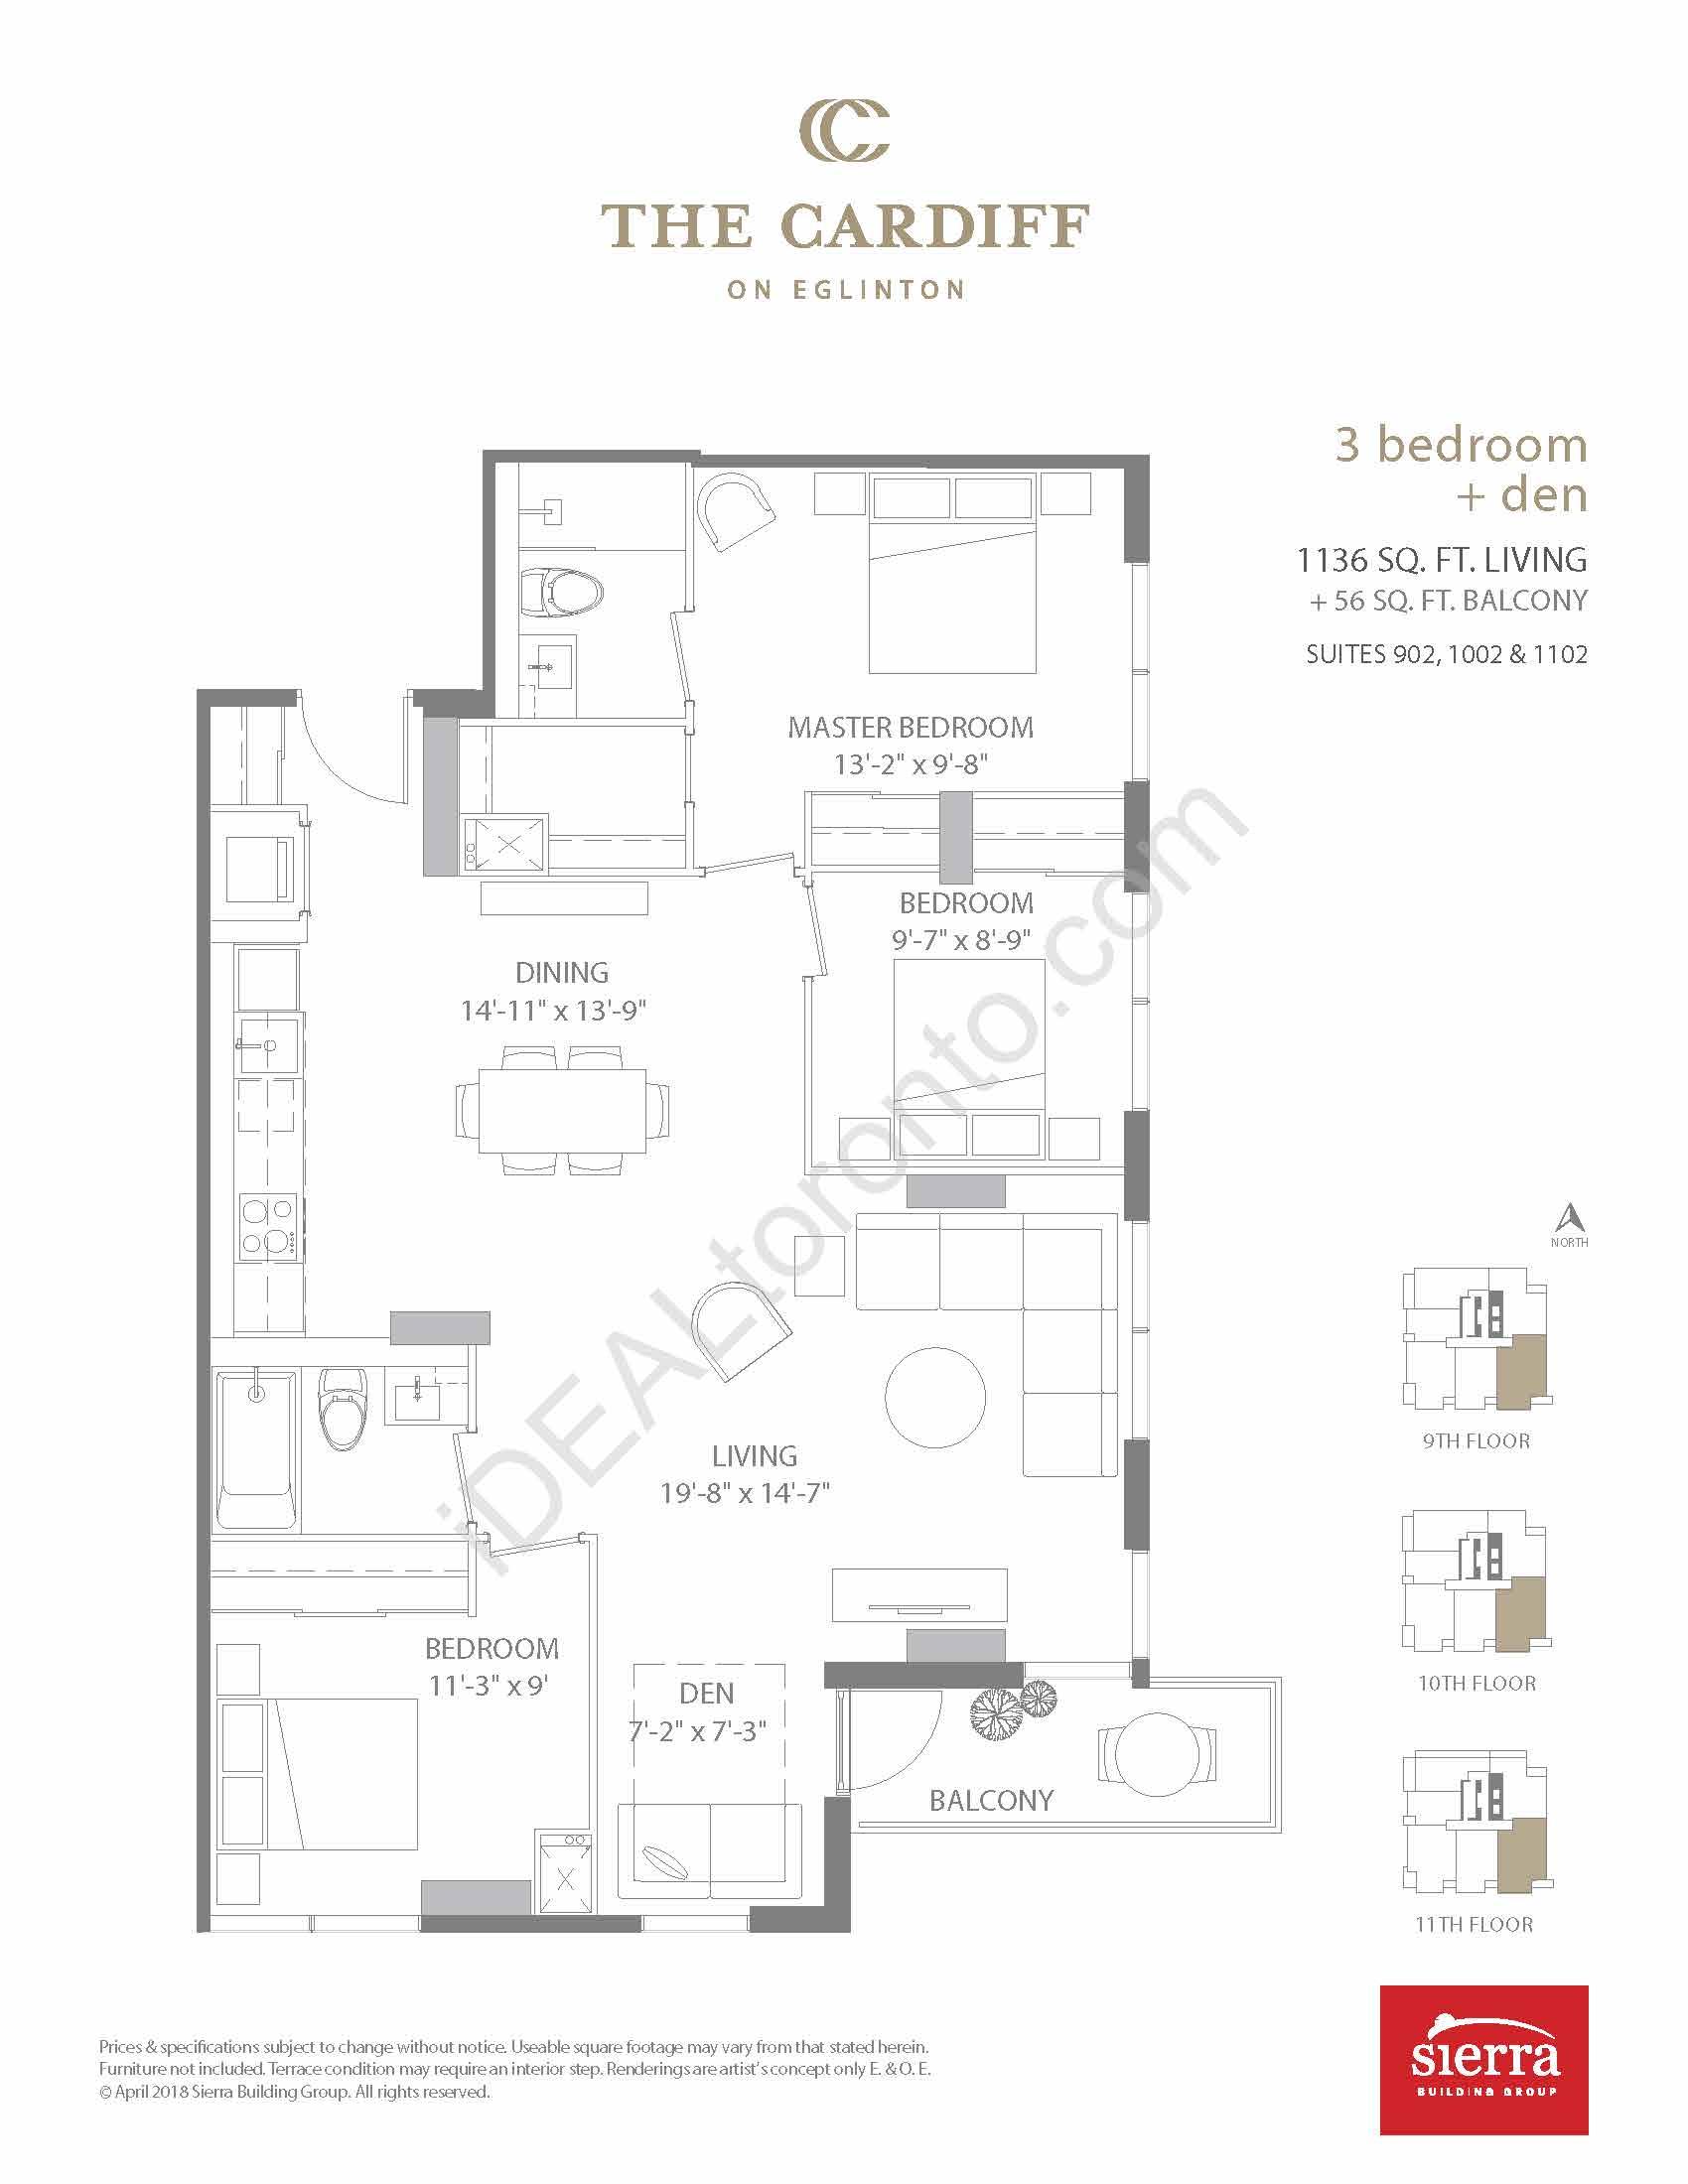 3 Bedroom + Den + Balcony